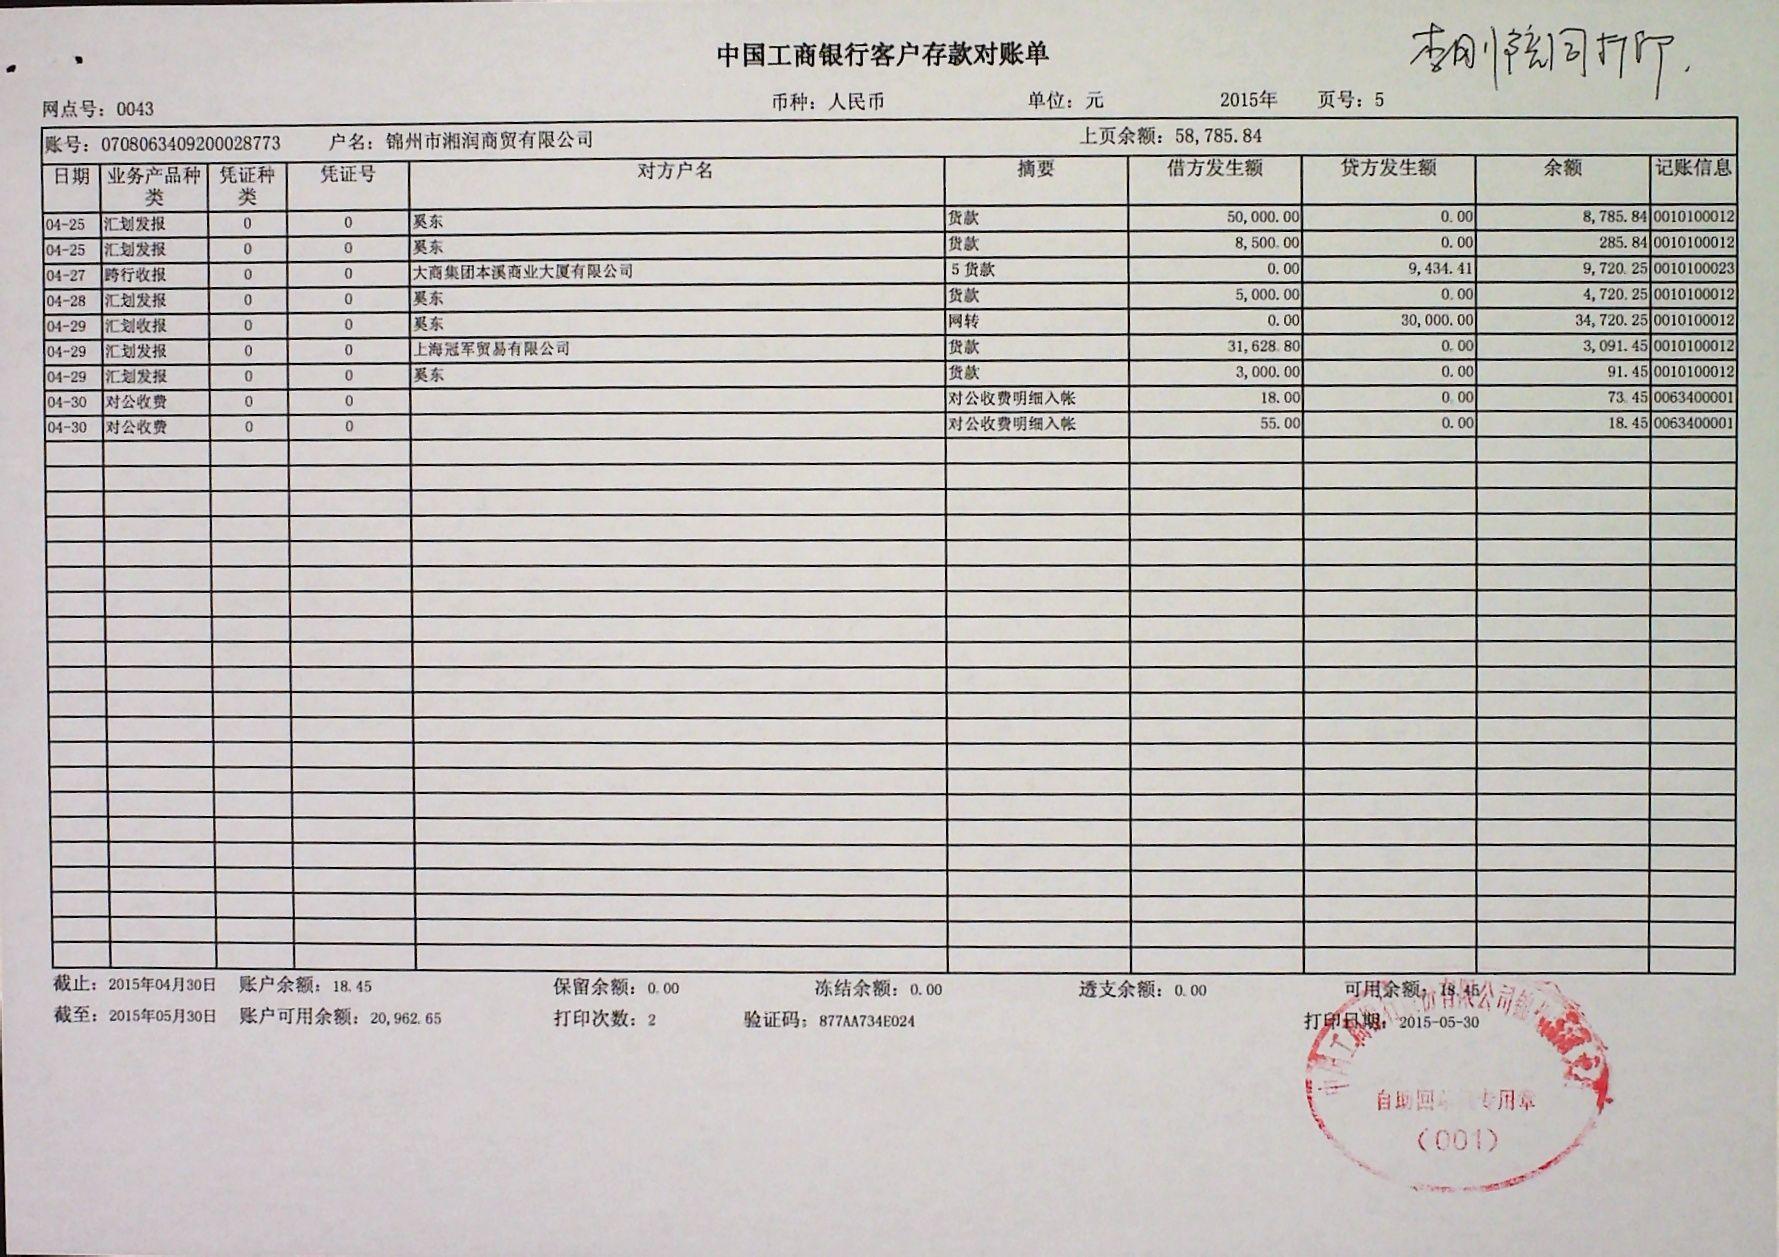 中国工商银行对账单_这份工商银行的流水能认可么,为什么?_百度知道